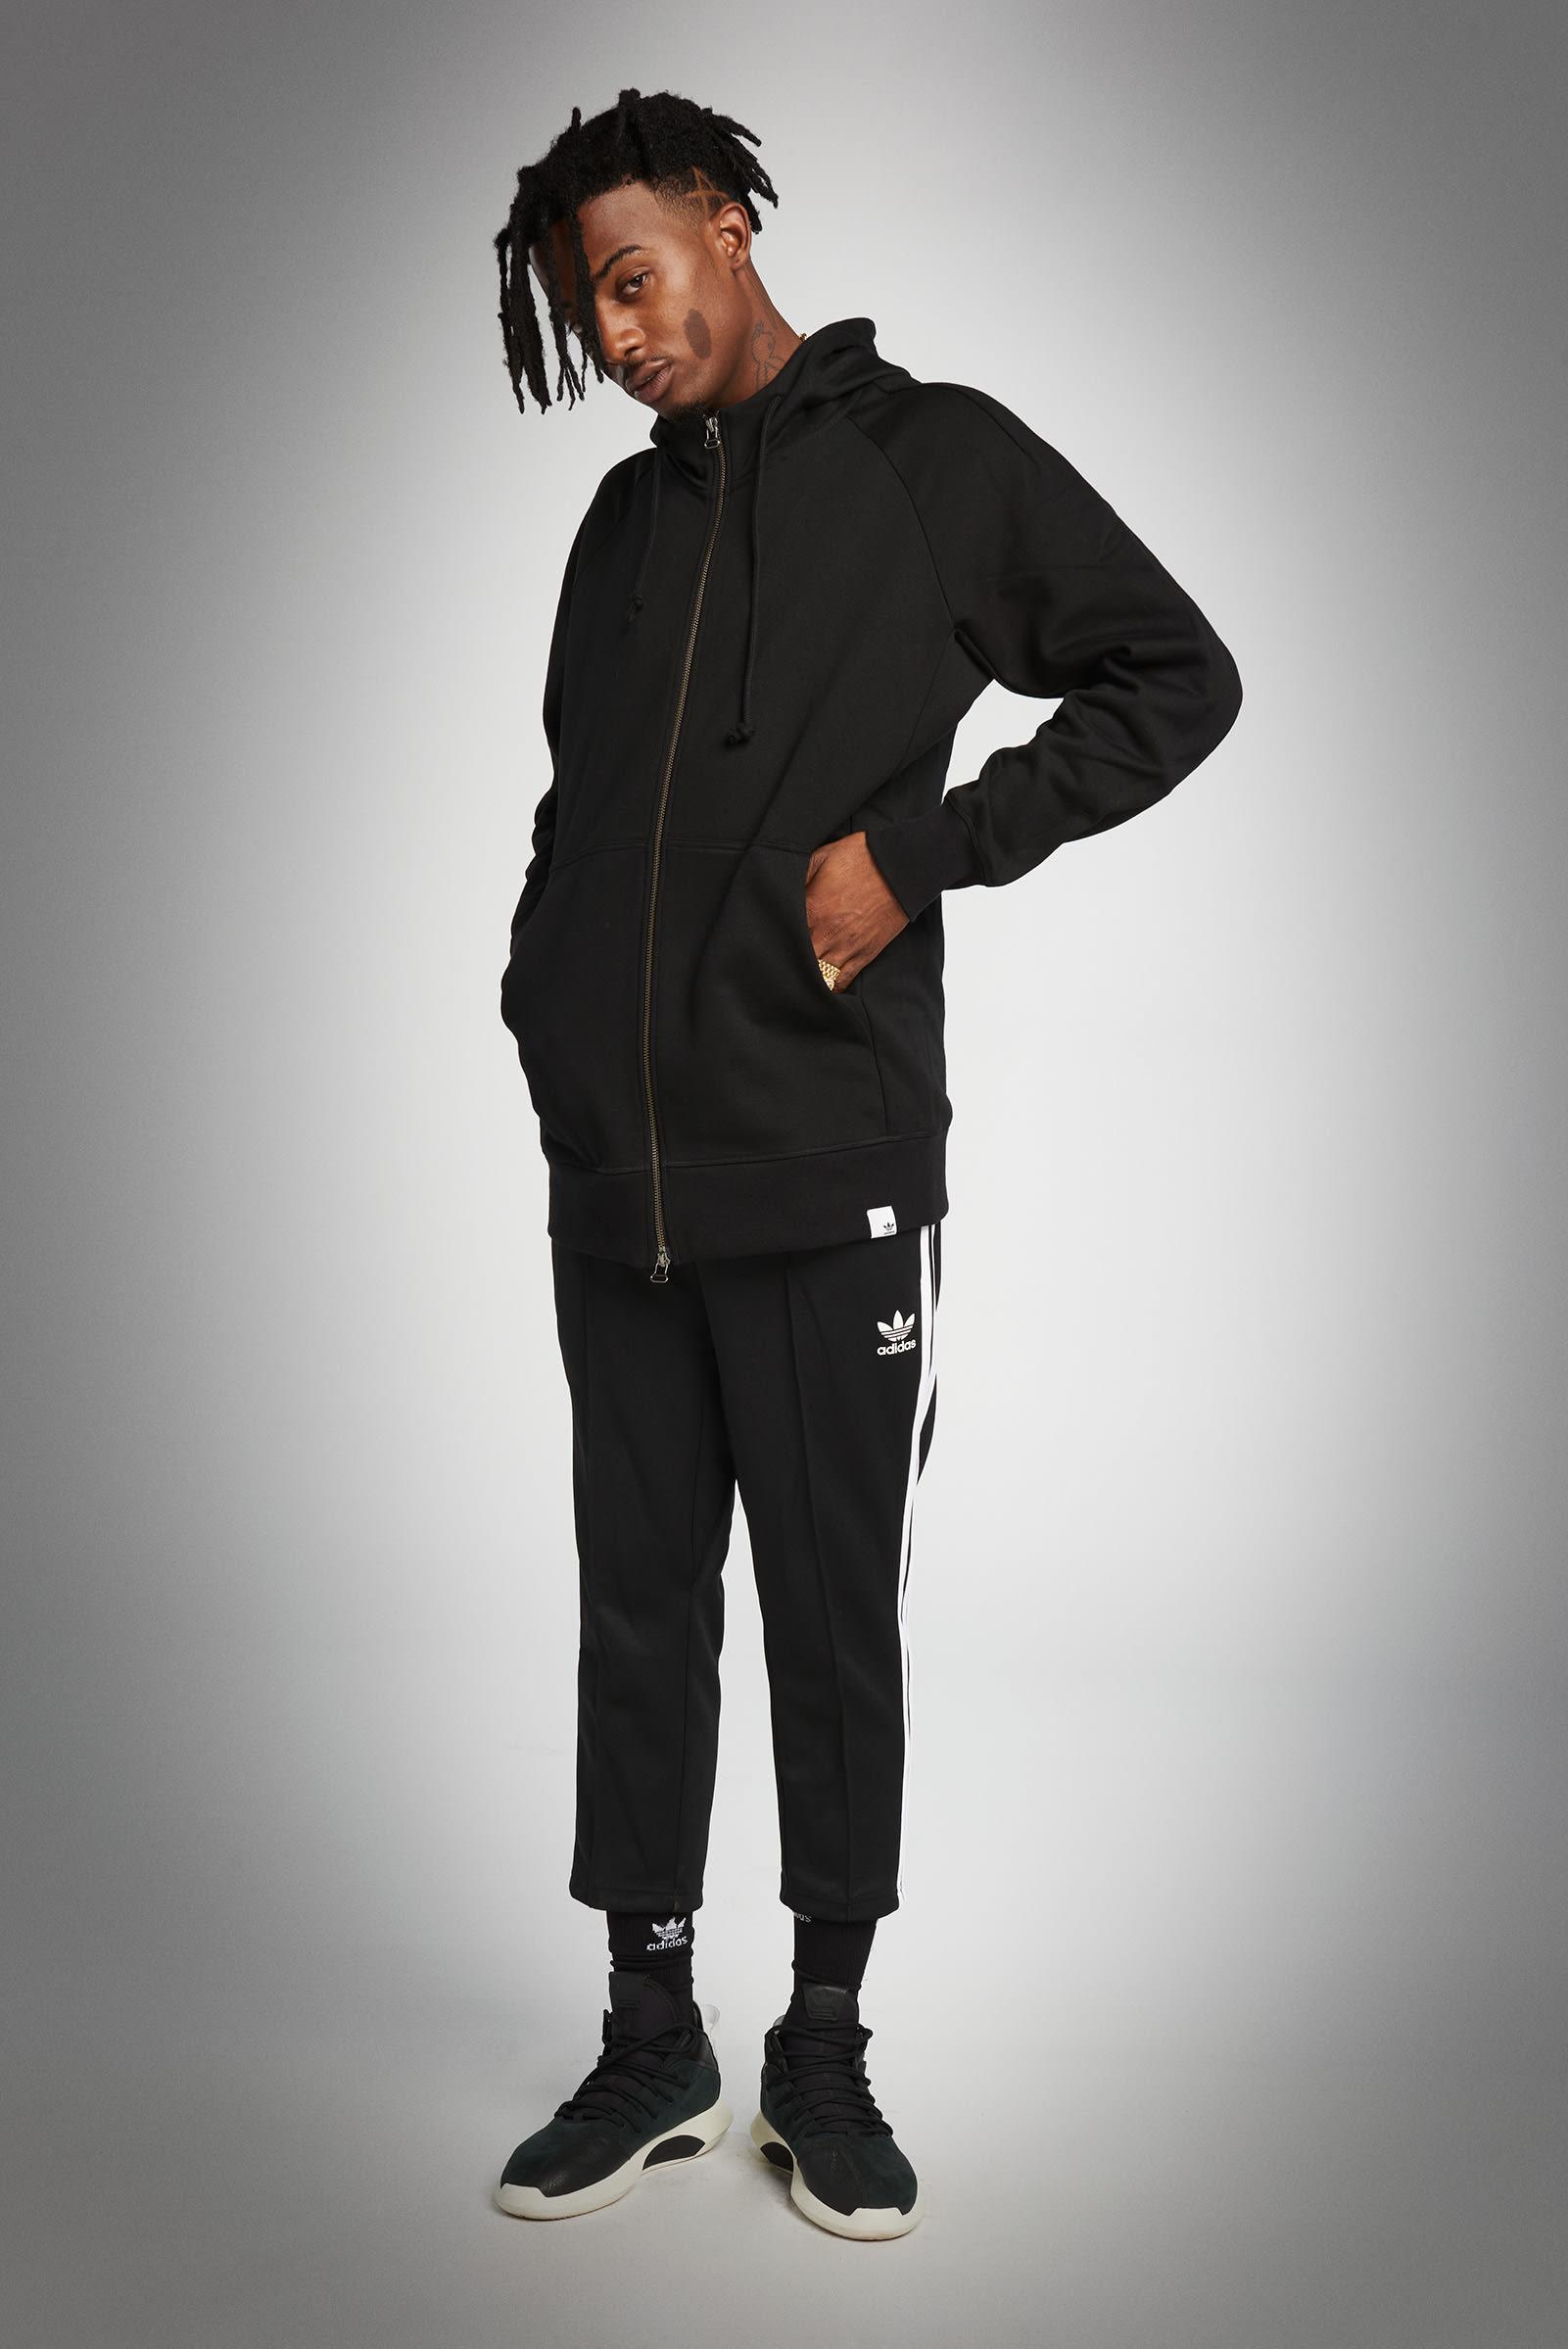 Playboi Carti Adidas